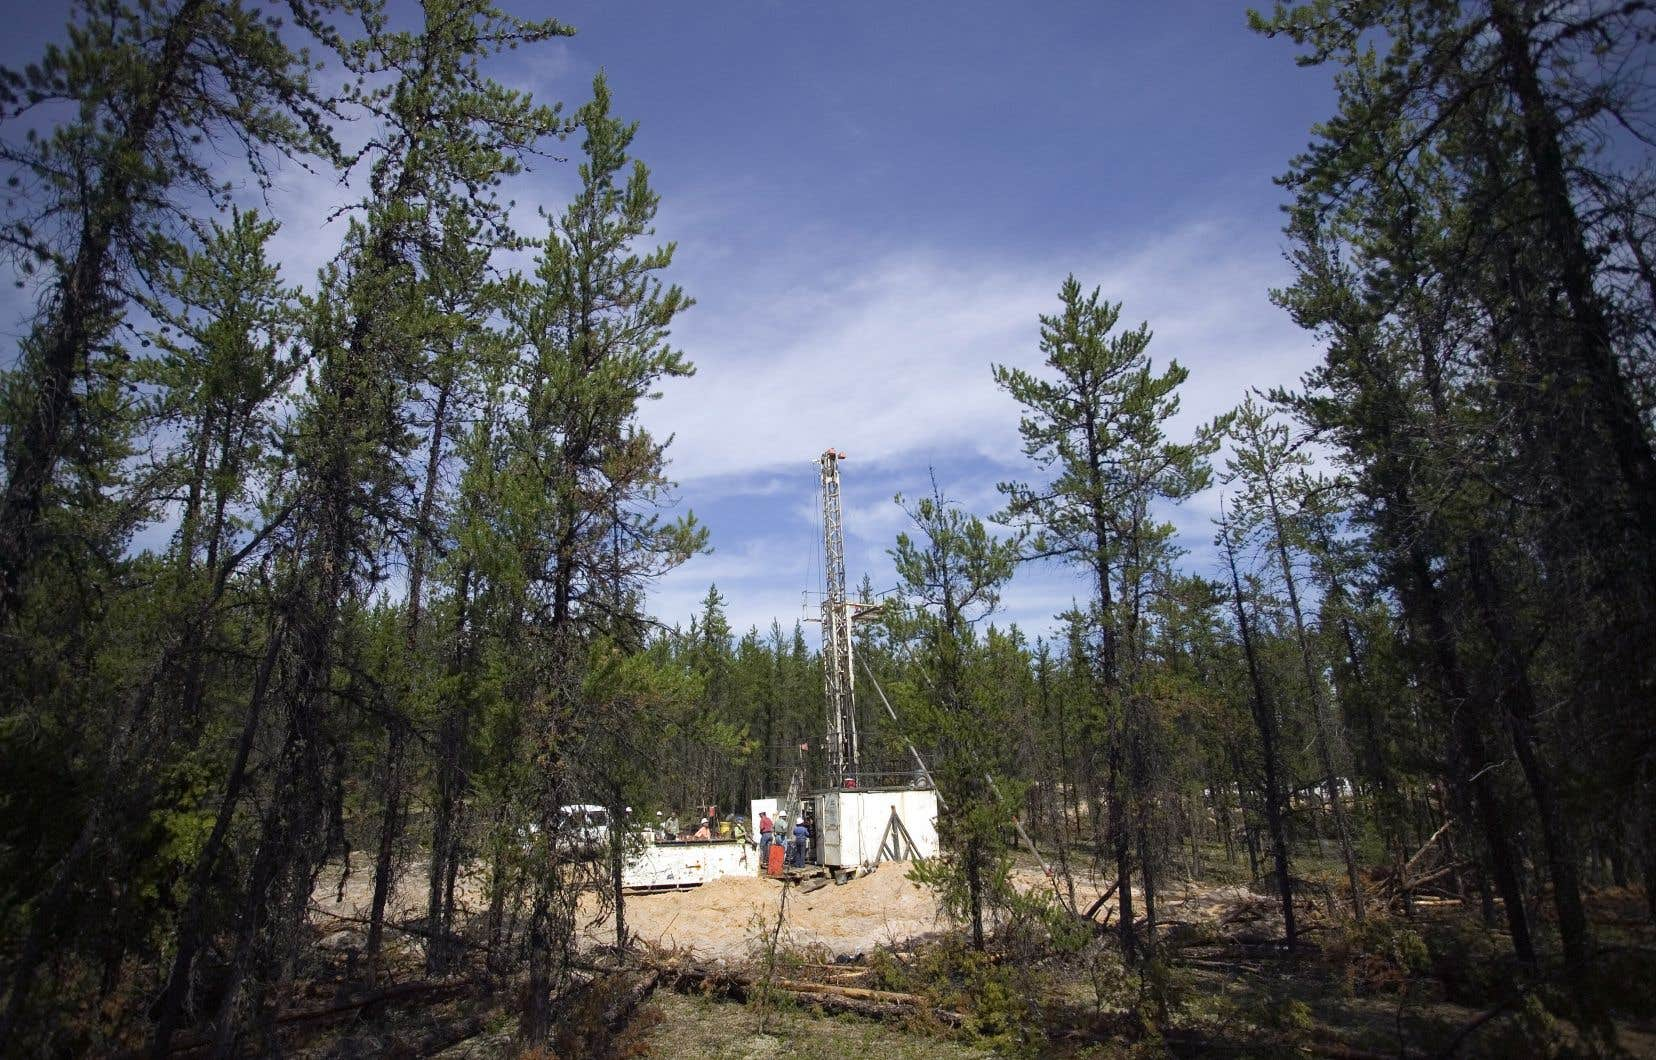 Selon les plus récentes données officielles, il existe plus de 300 permis d'exploration pétrolière et gazière en vigueur au Québec.